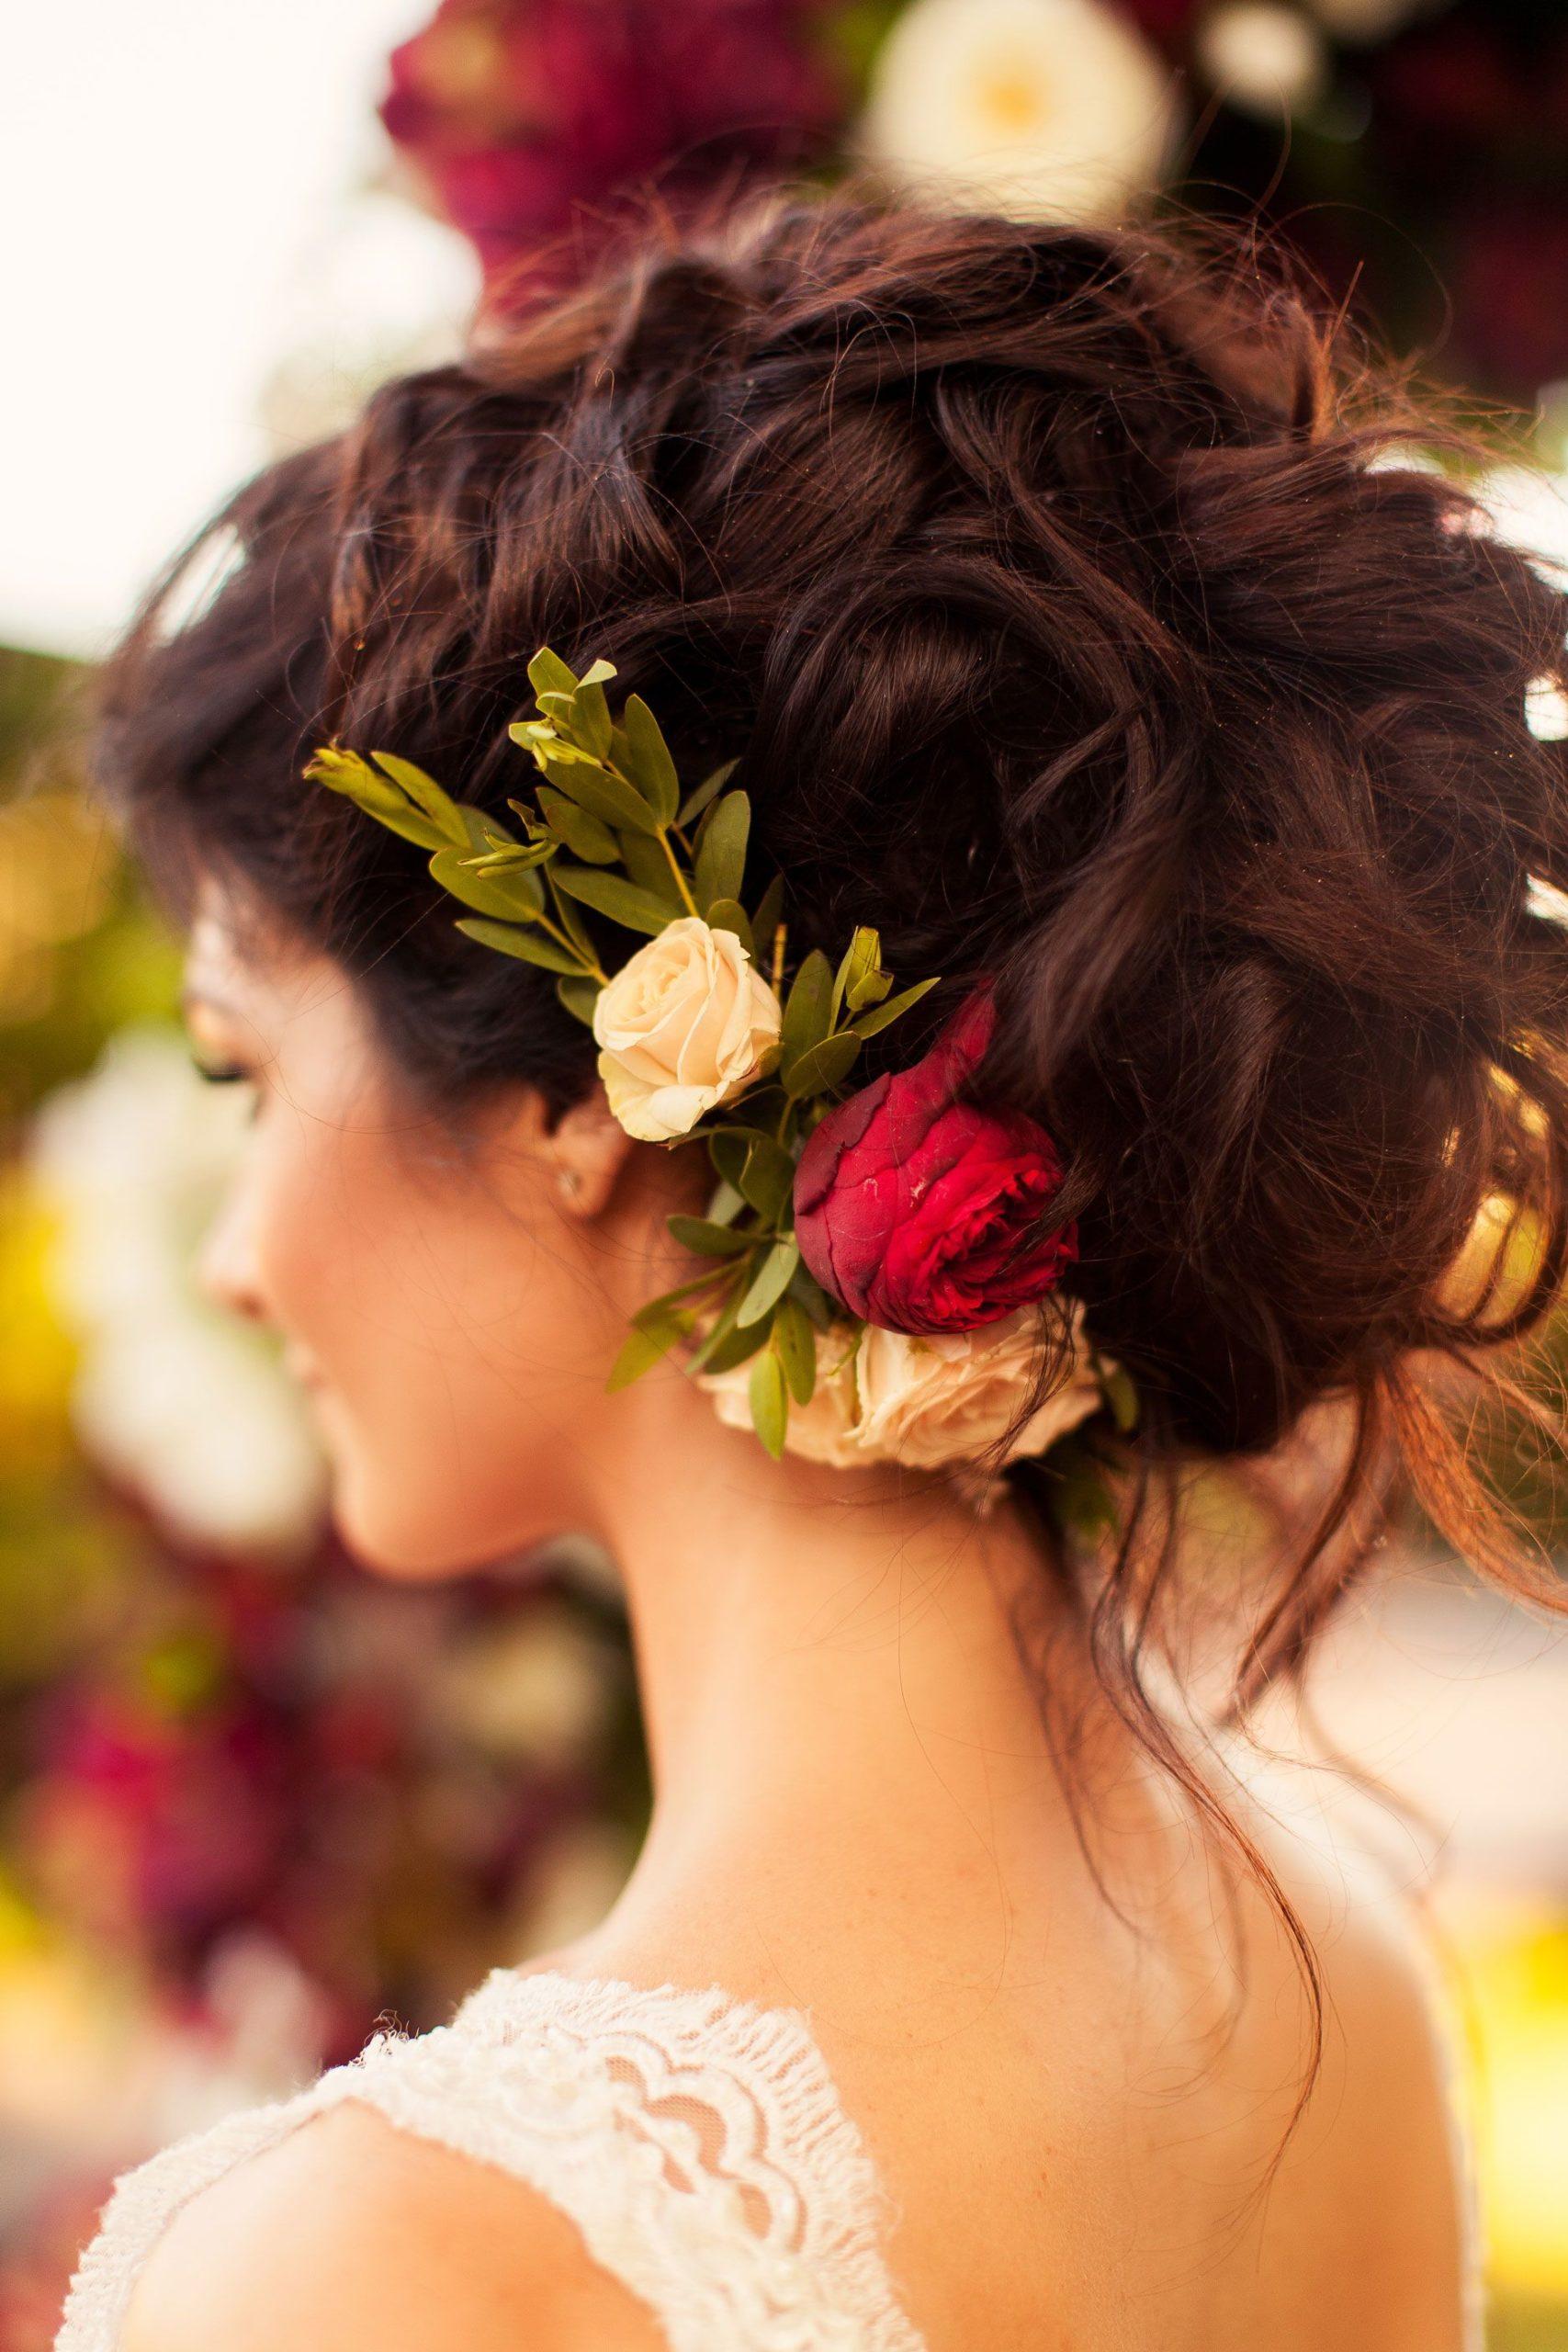 zhivye cvety v obraze nevesty